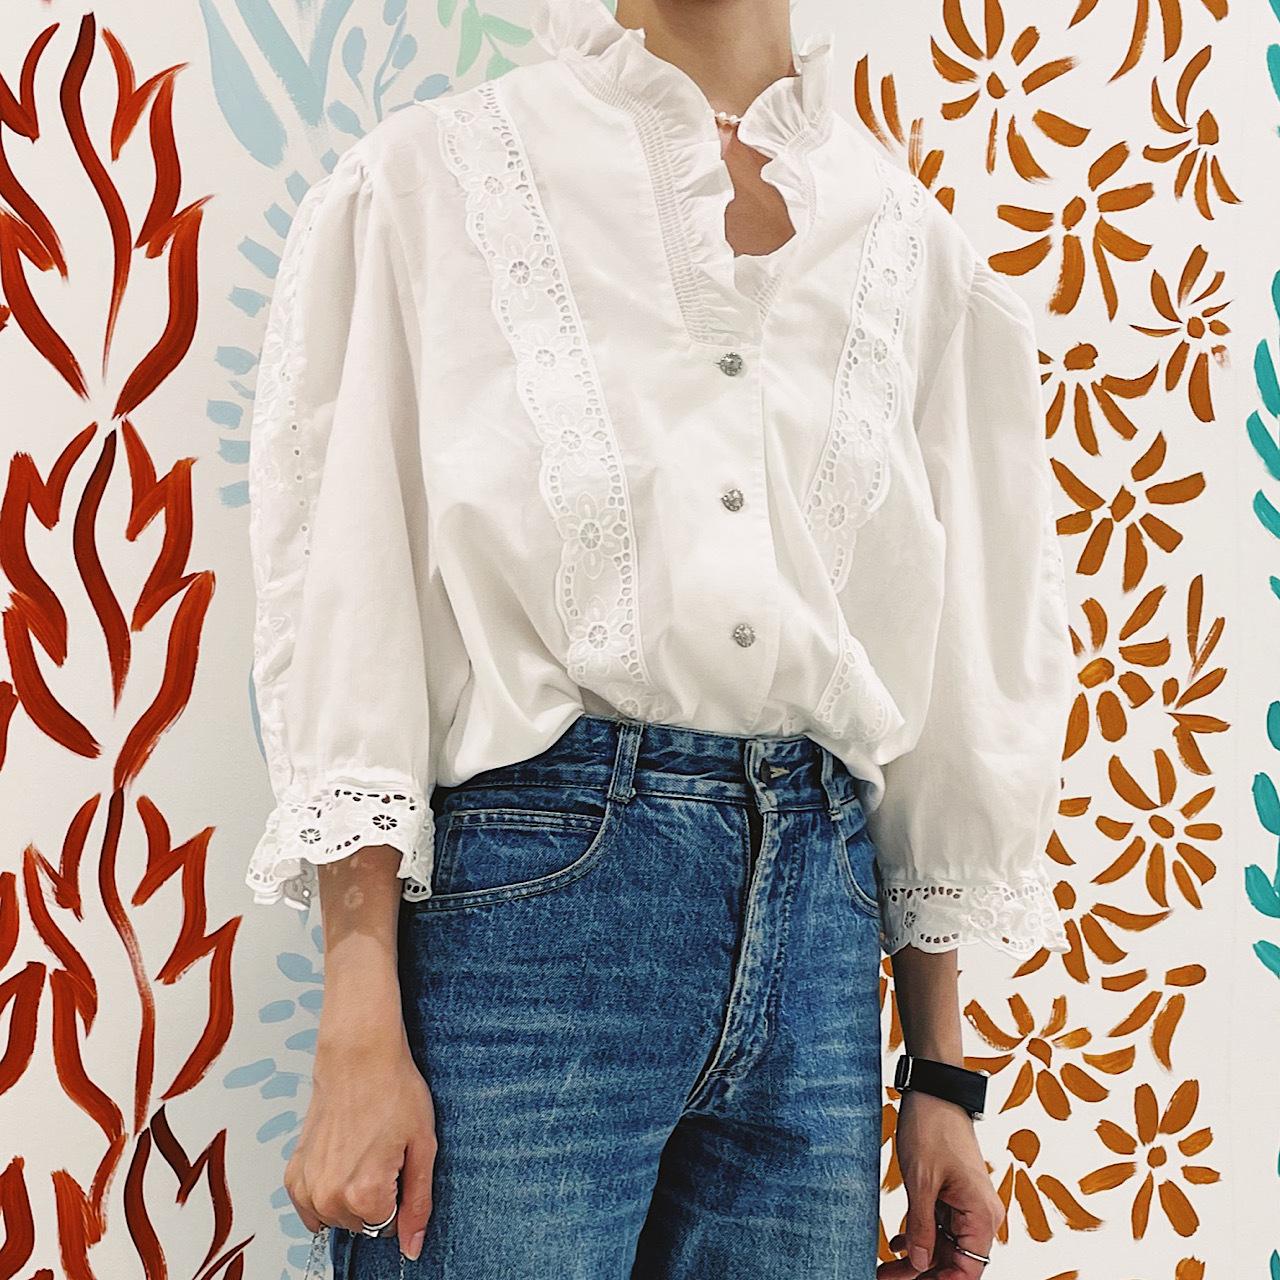 【送料無料】80's-90's vintage puff sleeve blouse(80年〜90年代 アンティーク 古着 レース パフスリーブ ブラウス)